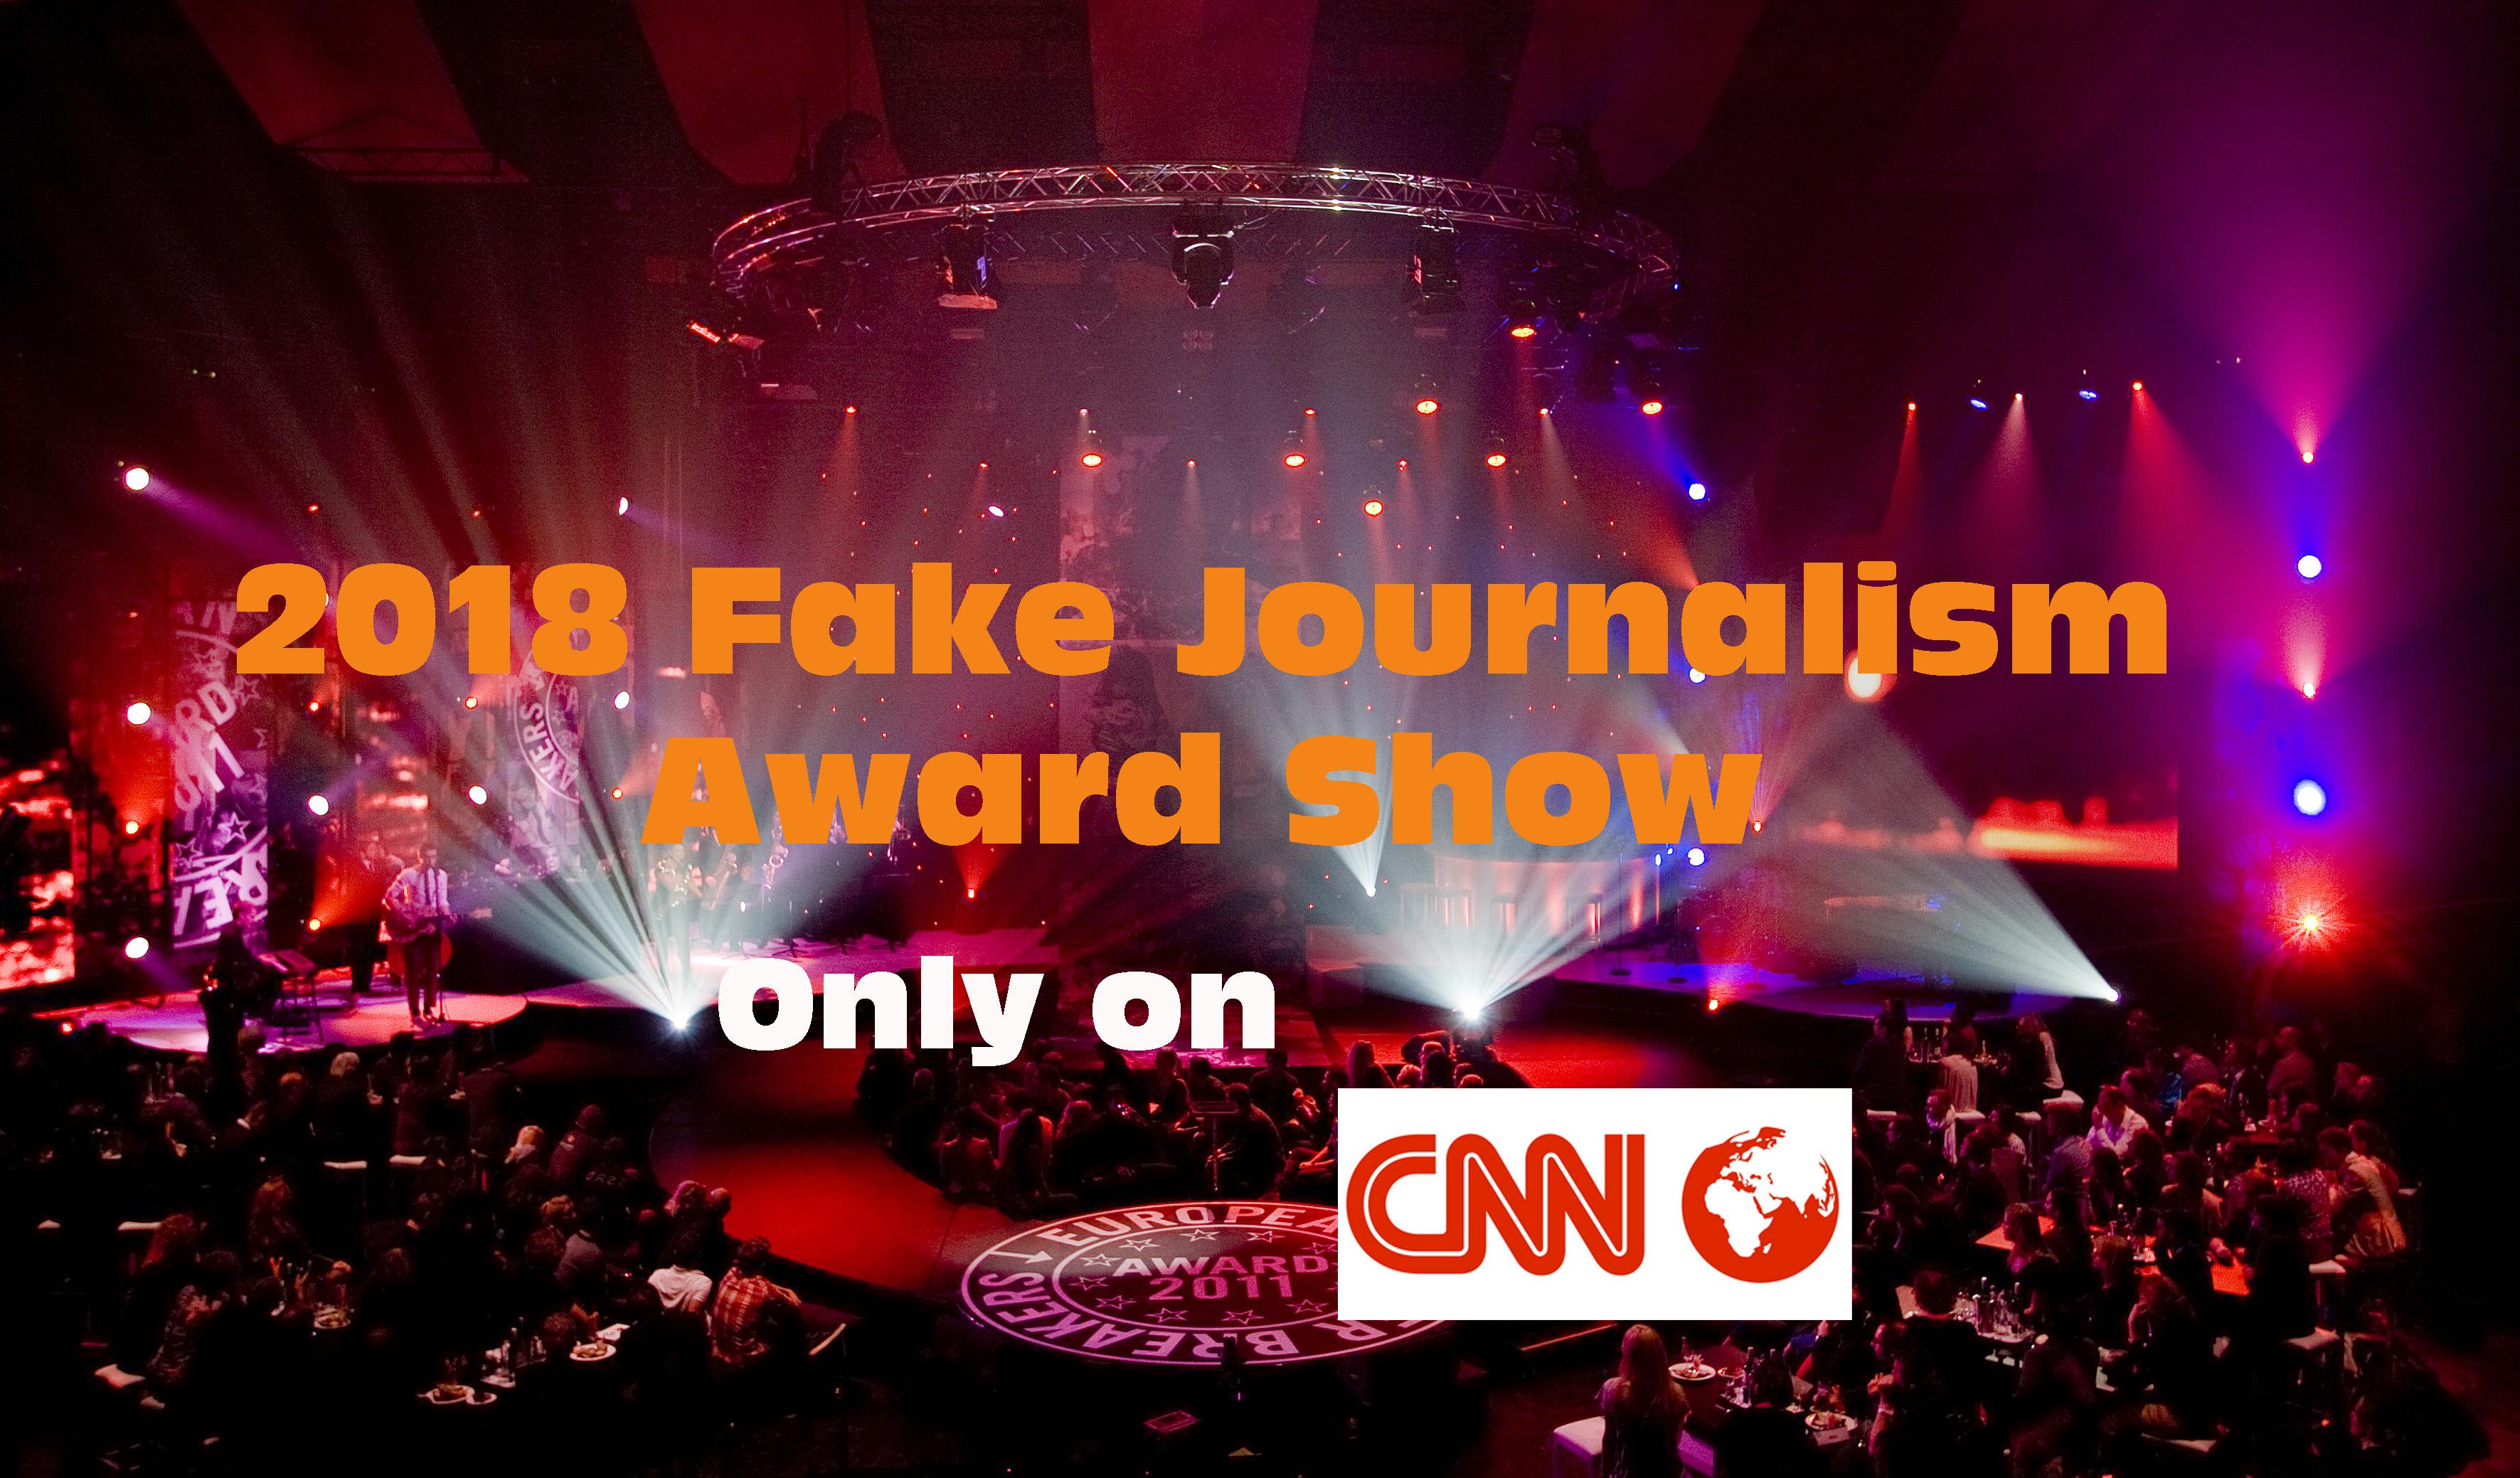 Award Show CNN